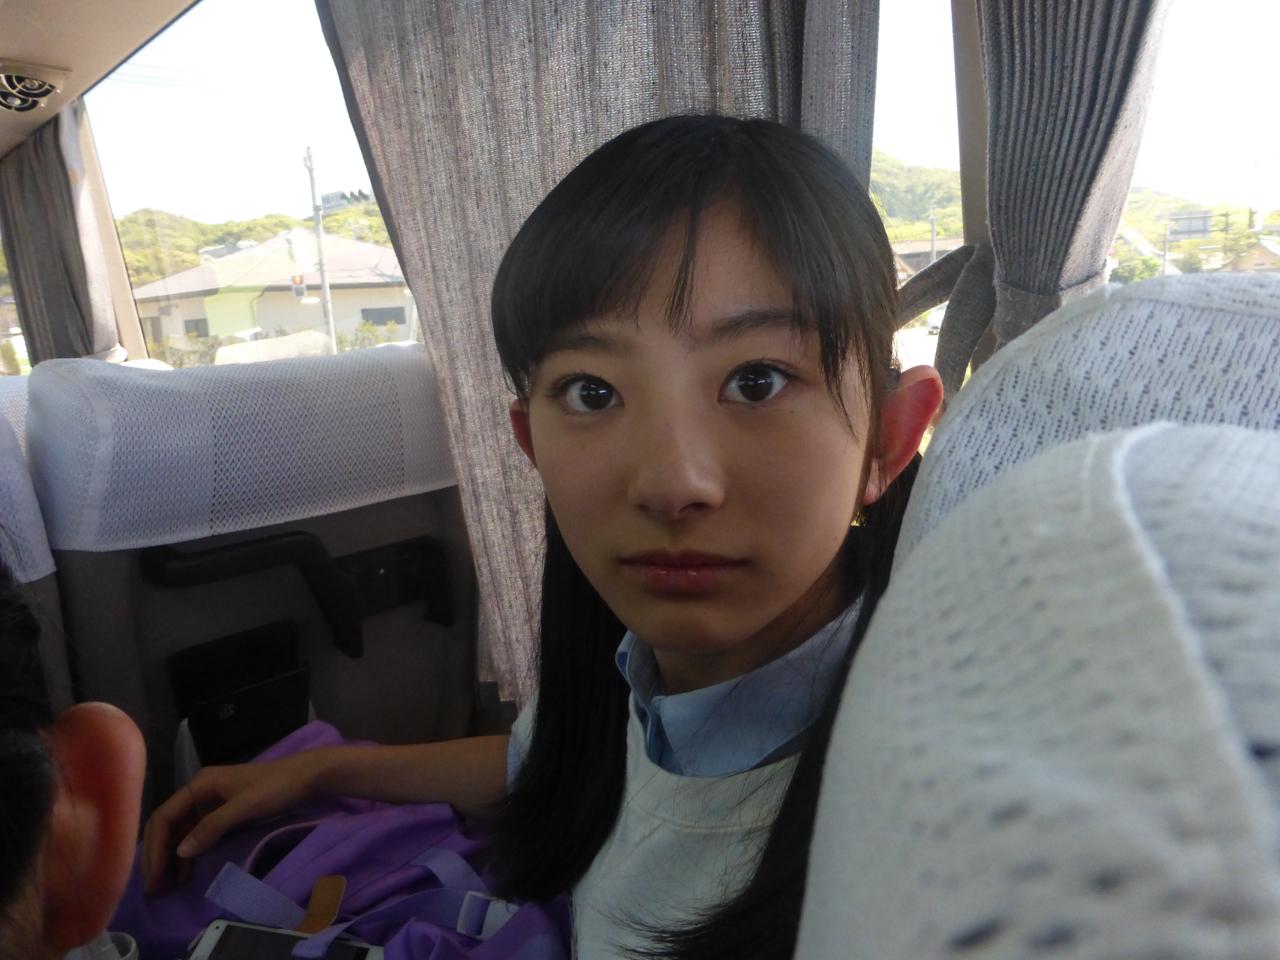 瀬田!なぜ真顔。(さくら)